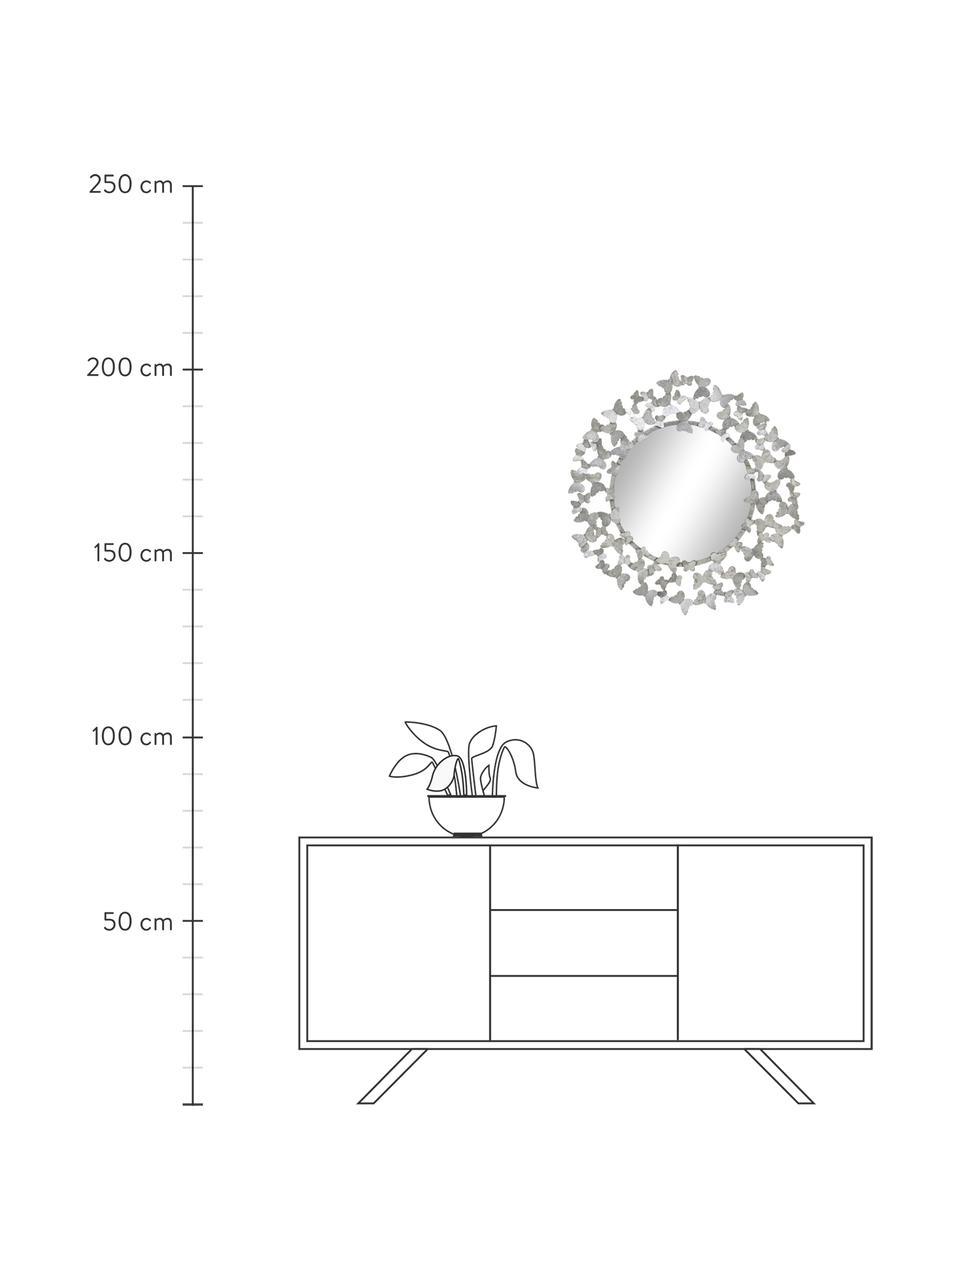 Wandspiegel Butterfly mit Silberrahmen, Rahmen: Metall, Rückseite: Mitteldichte Holzfaserpla, Spiegelfläche: Spiegelglas, Silberfarben, Ø 67 cm